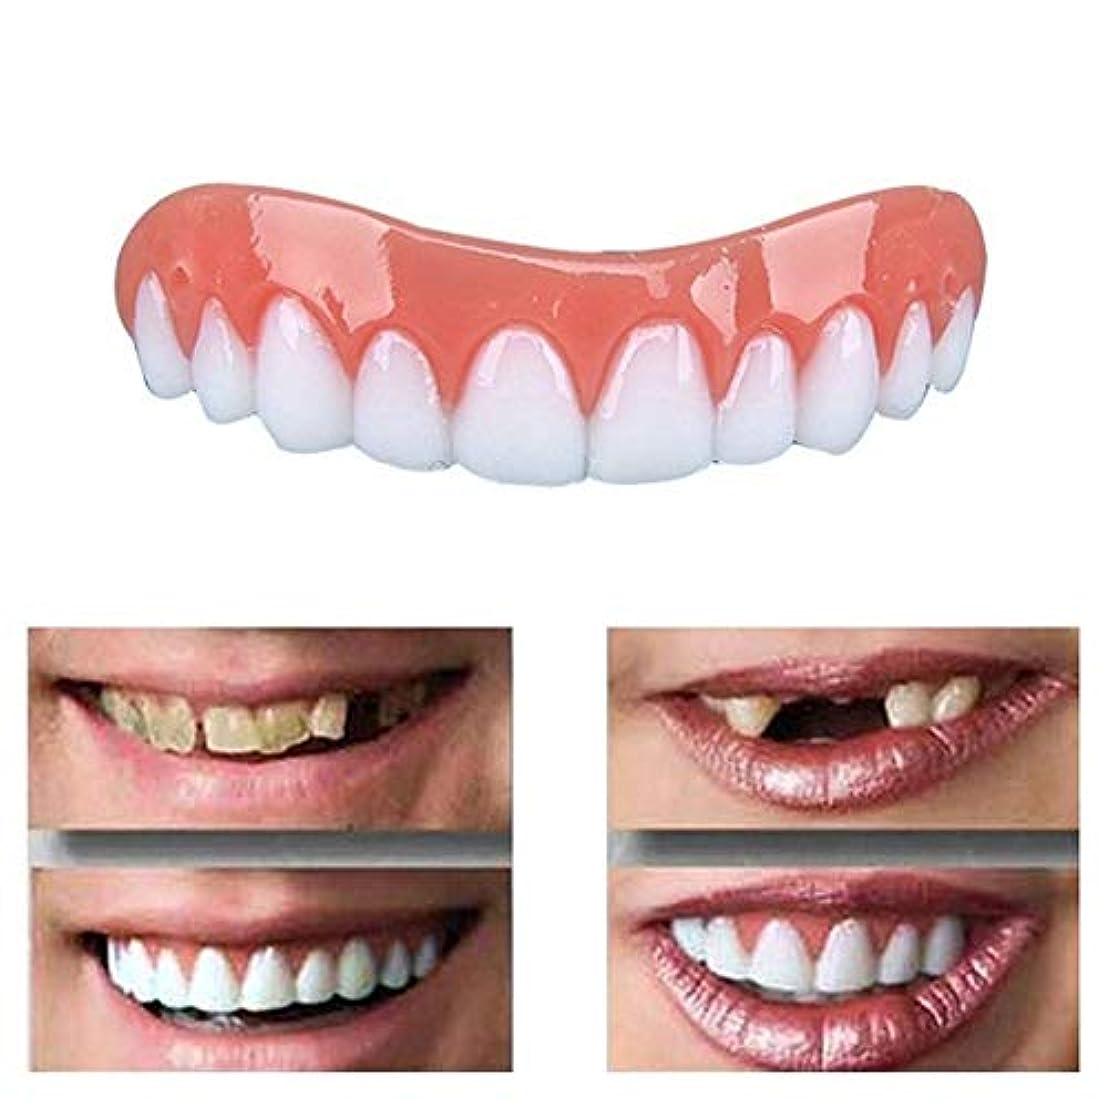 ダイジェスト適用済みシーン20ピースパーフェクトスマイルベニア偽の歯アッパー偽の歯カバースナップオン即時の歯化粧品義歯のケアオーラルケアシリコーンホワイトニング義歯